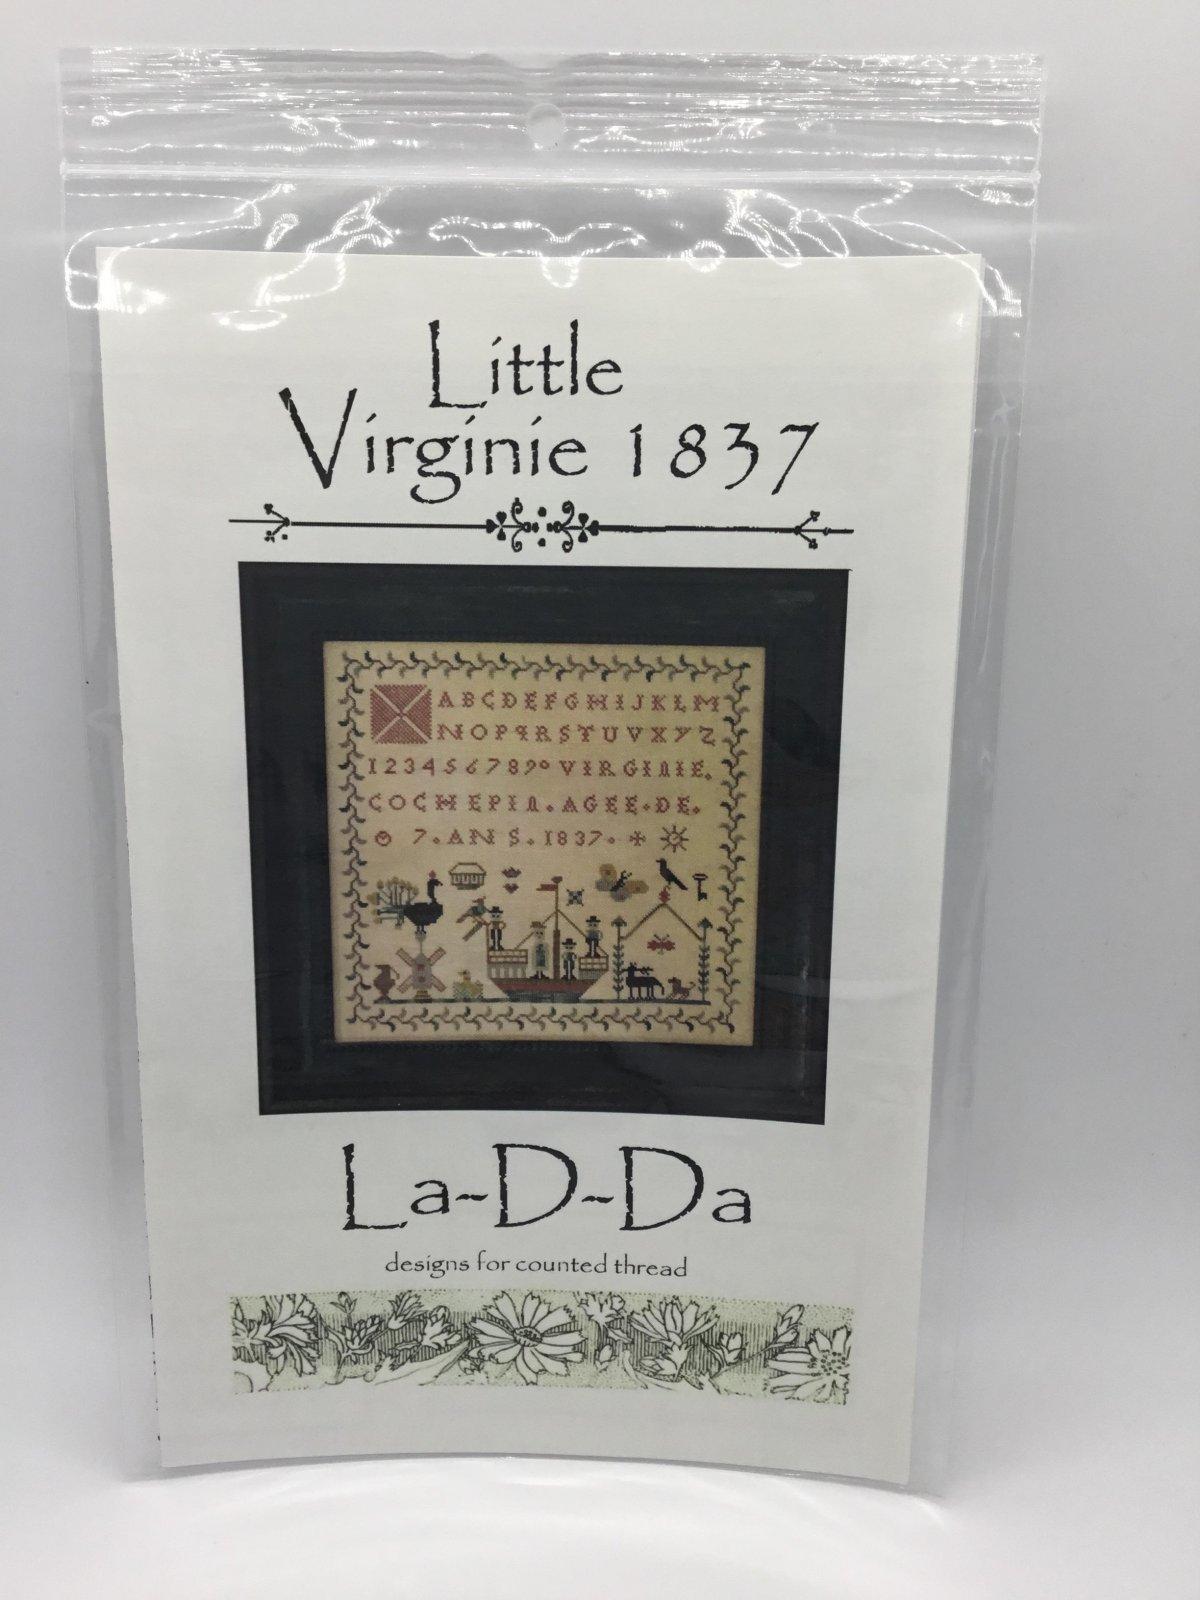 Little Virginia 1837